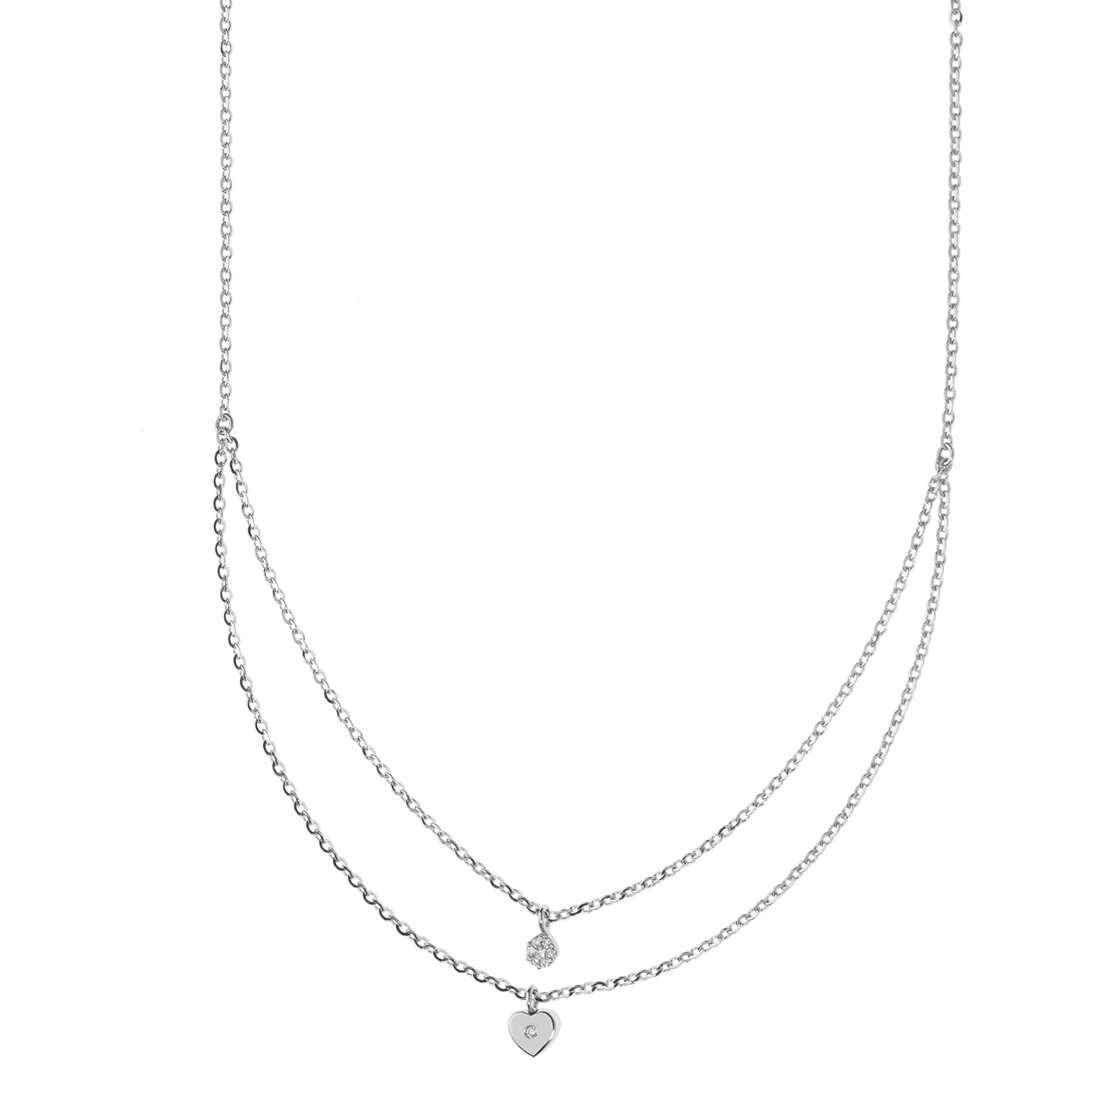 collana donna gioielli Comete Fantasie di diamanti GLB 1326